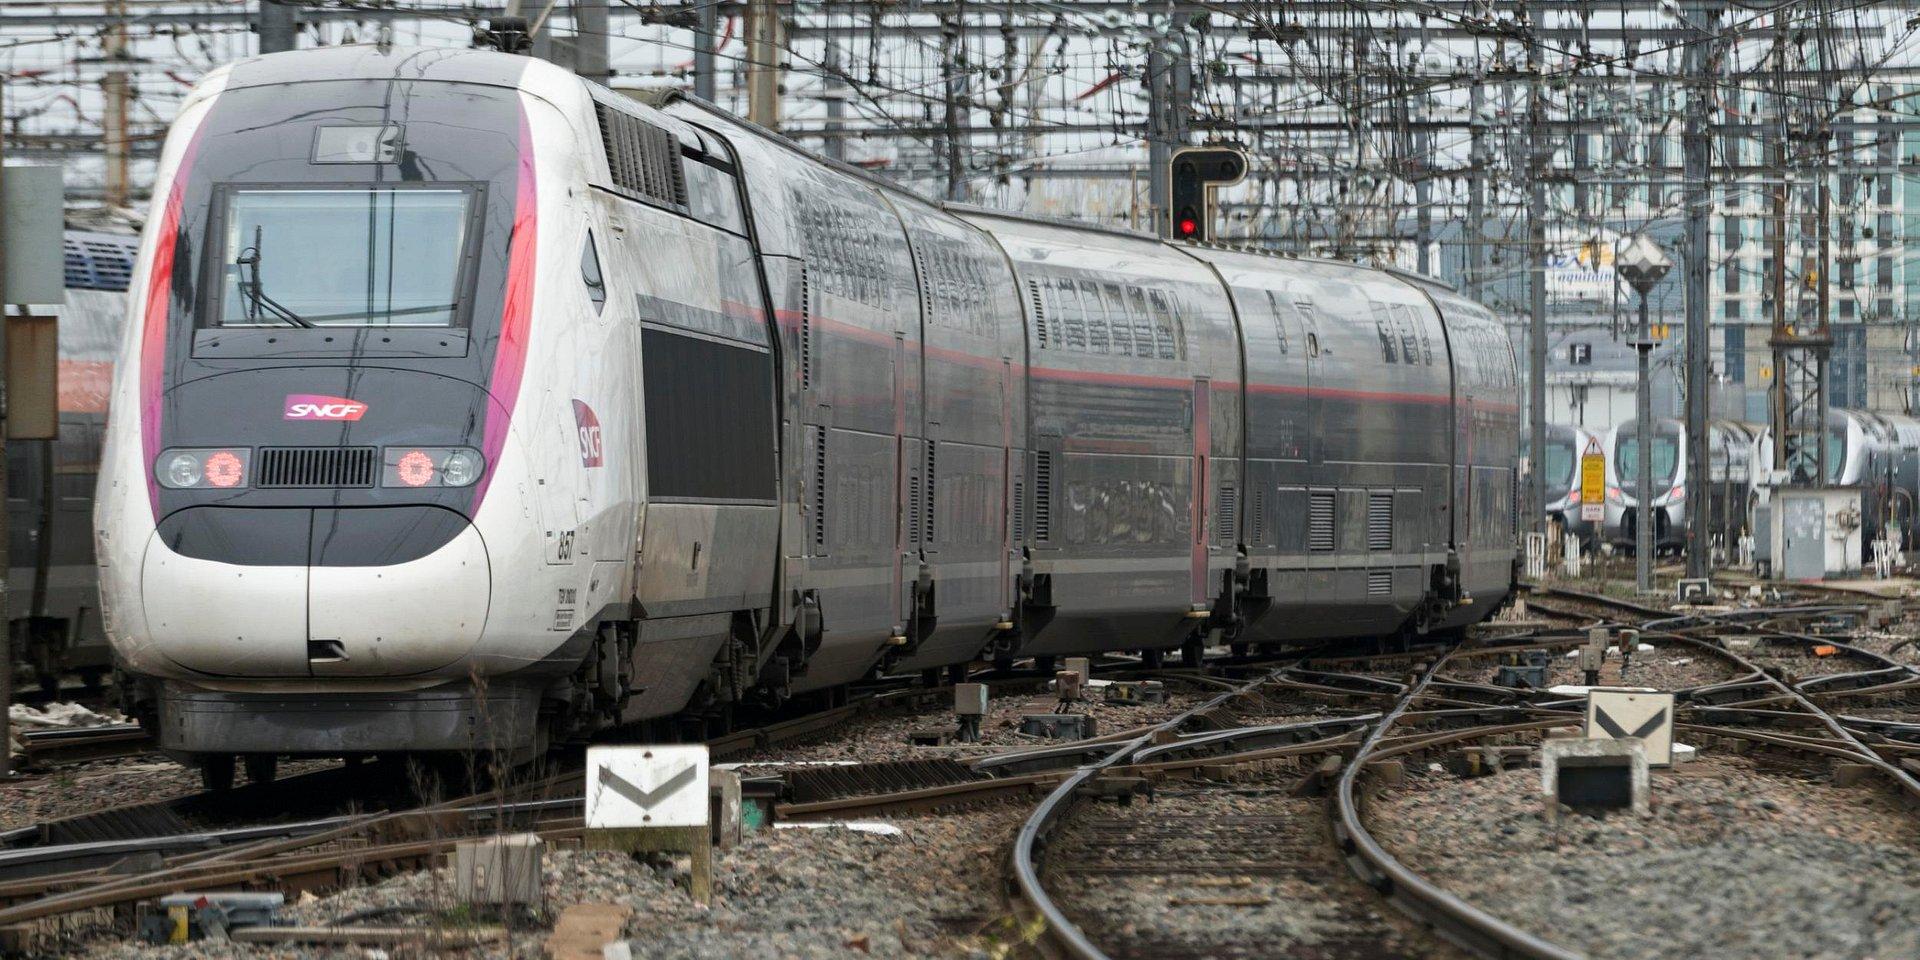 Alstom dostarczy SNCF 12 pociągów Avelia Euroduplex do obsługi linii TGV Atlantique